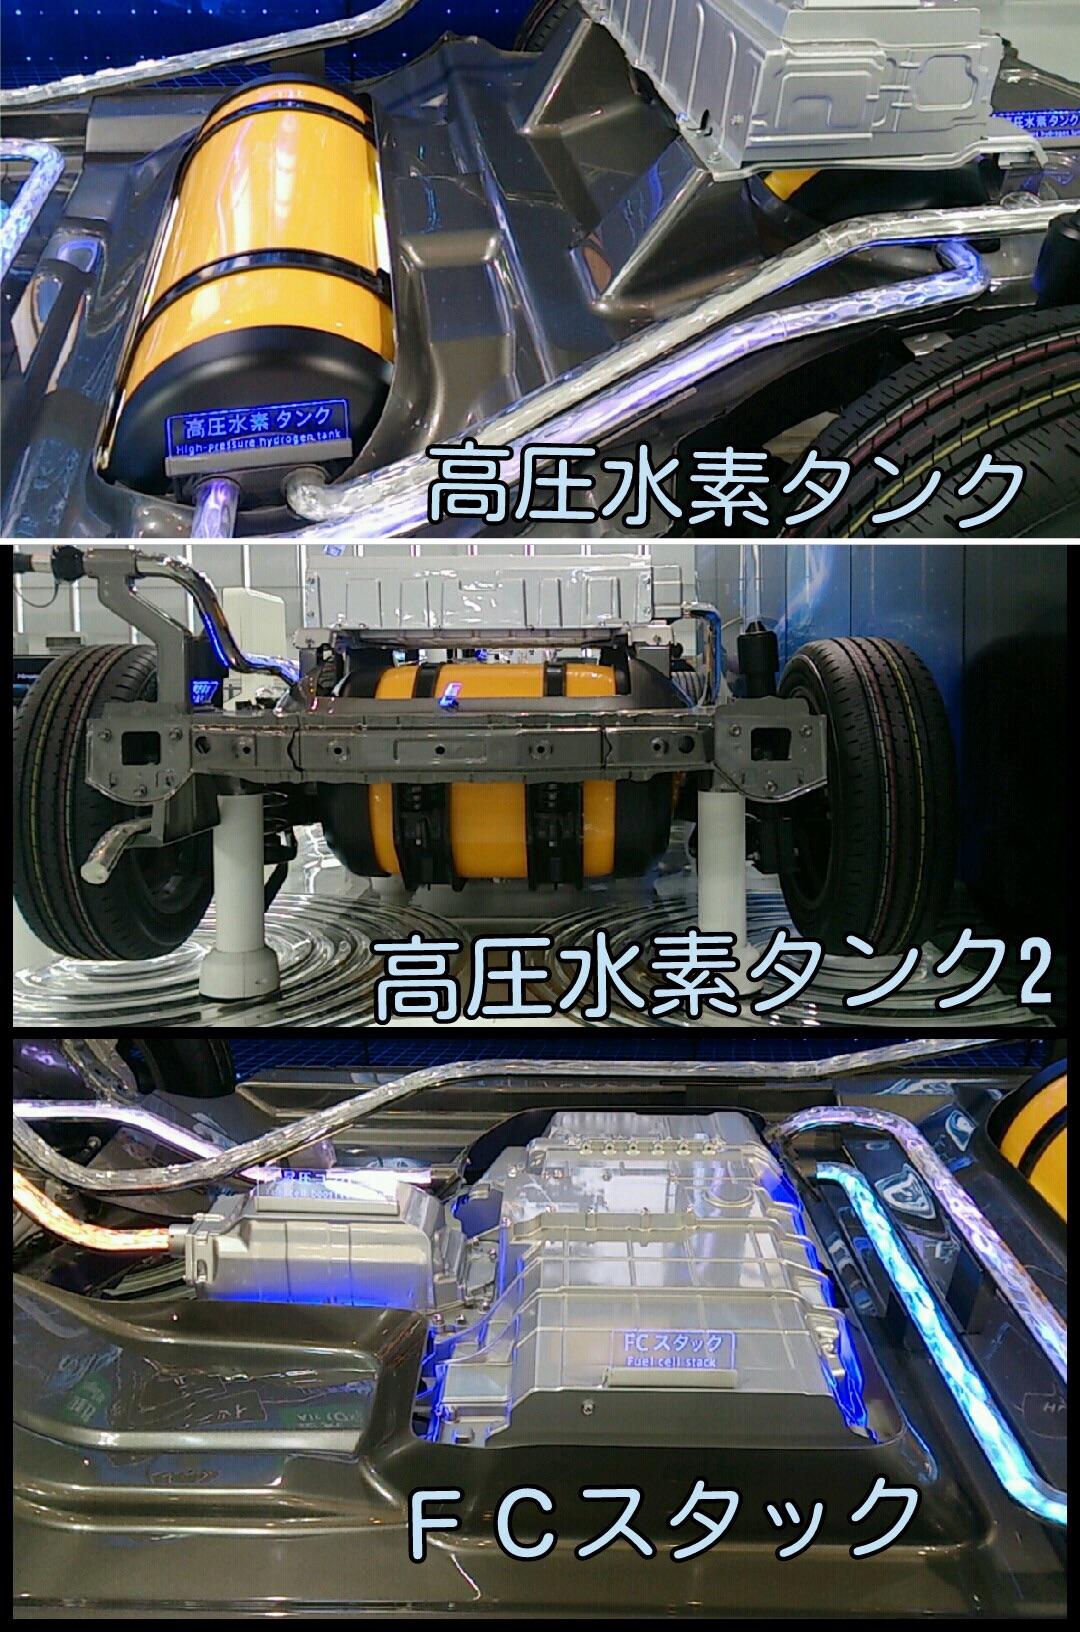 トヨタミライ パワートレイン